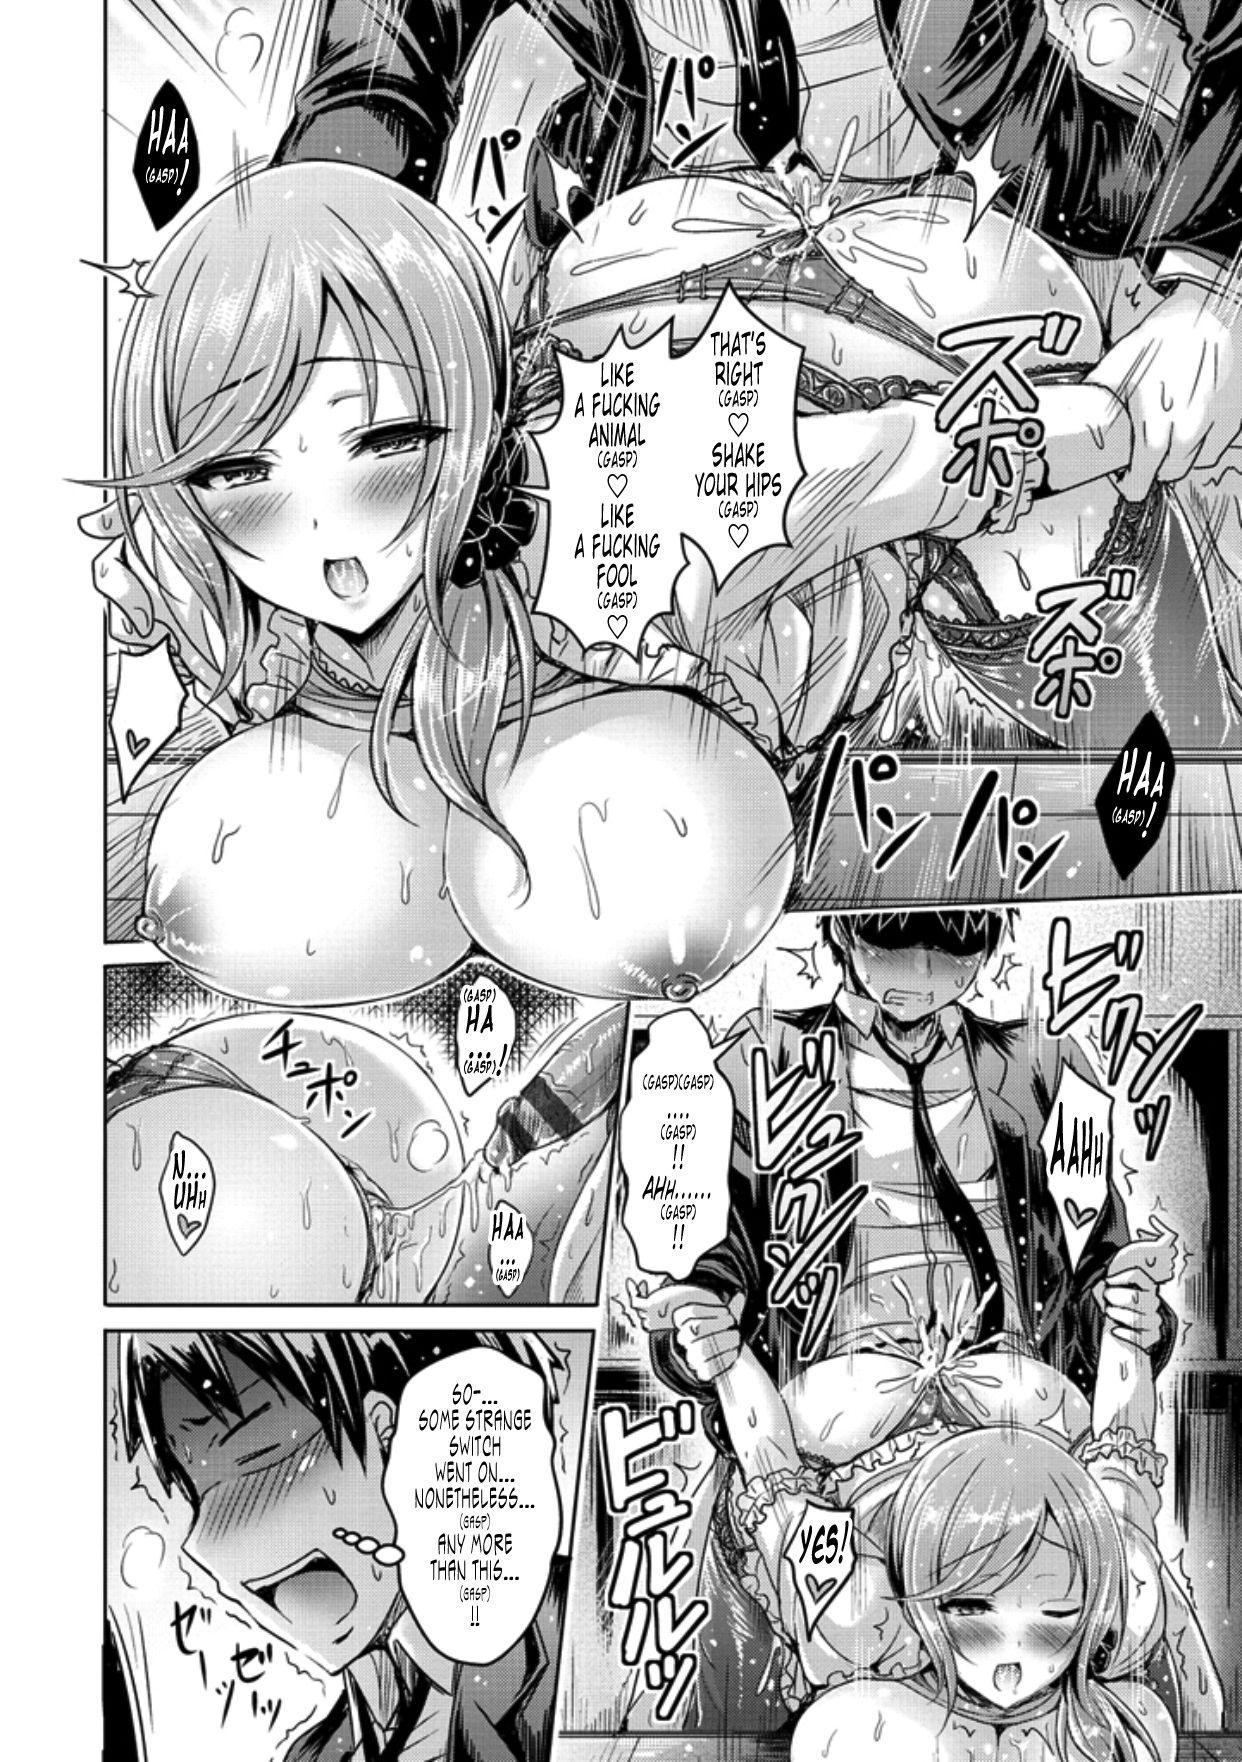 ChichiKoi! 64